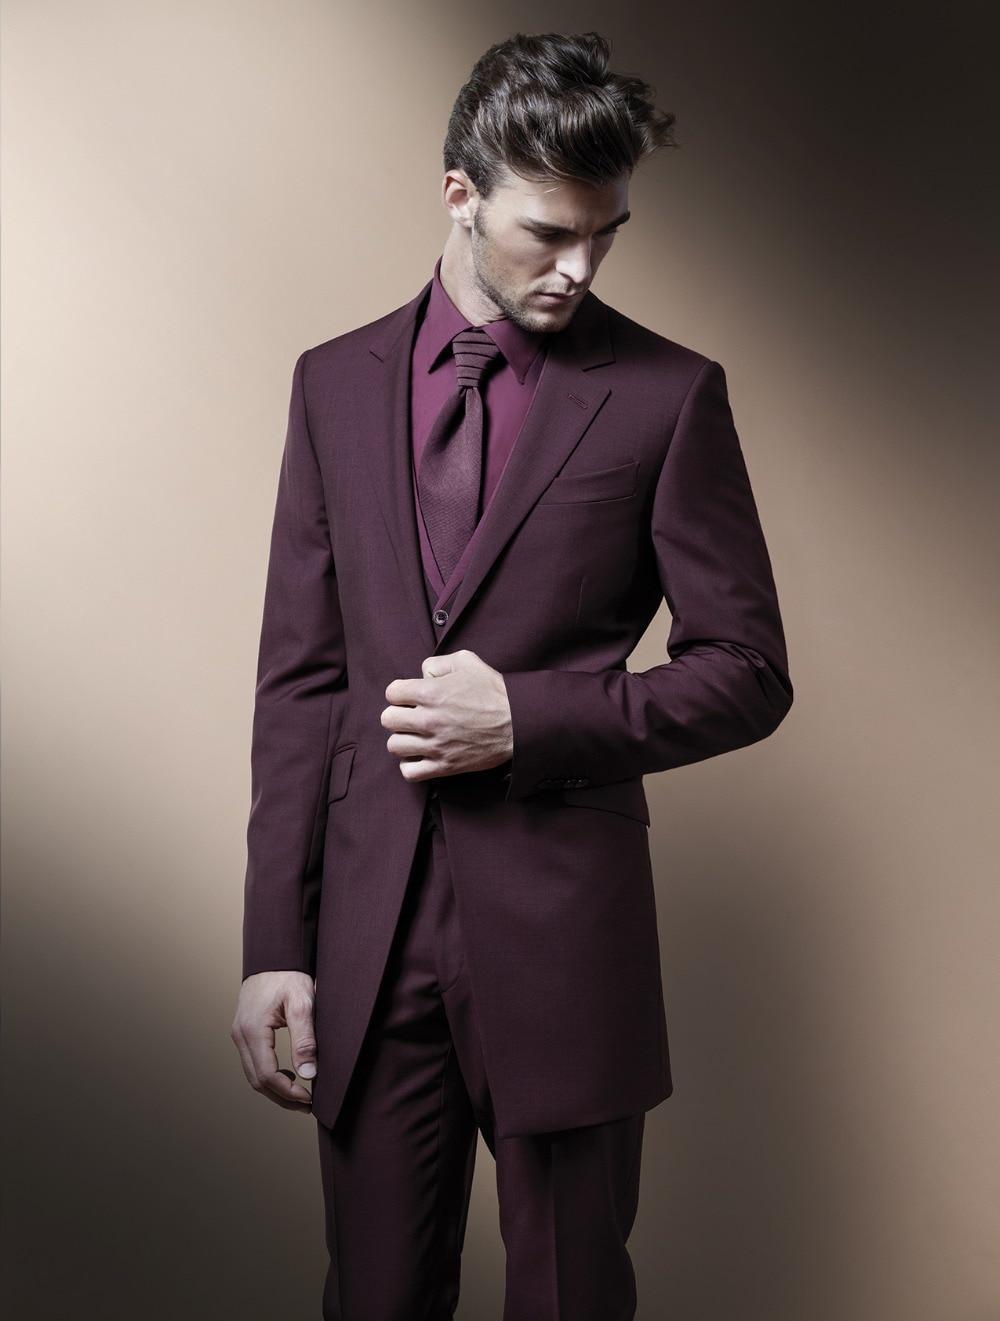 Vyriški kostiumai tvirti, tinkami viršūnių apyrankėms, pilka - Vyriški drabužiai - Nuotrauka 5